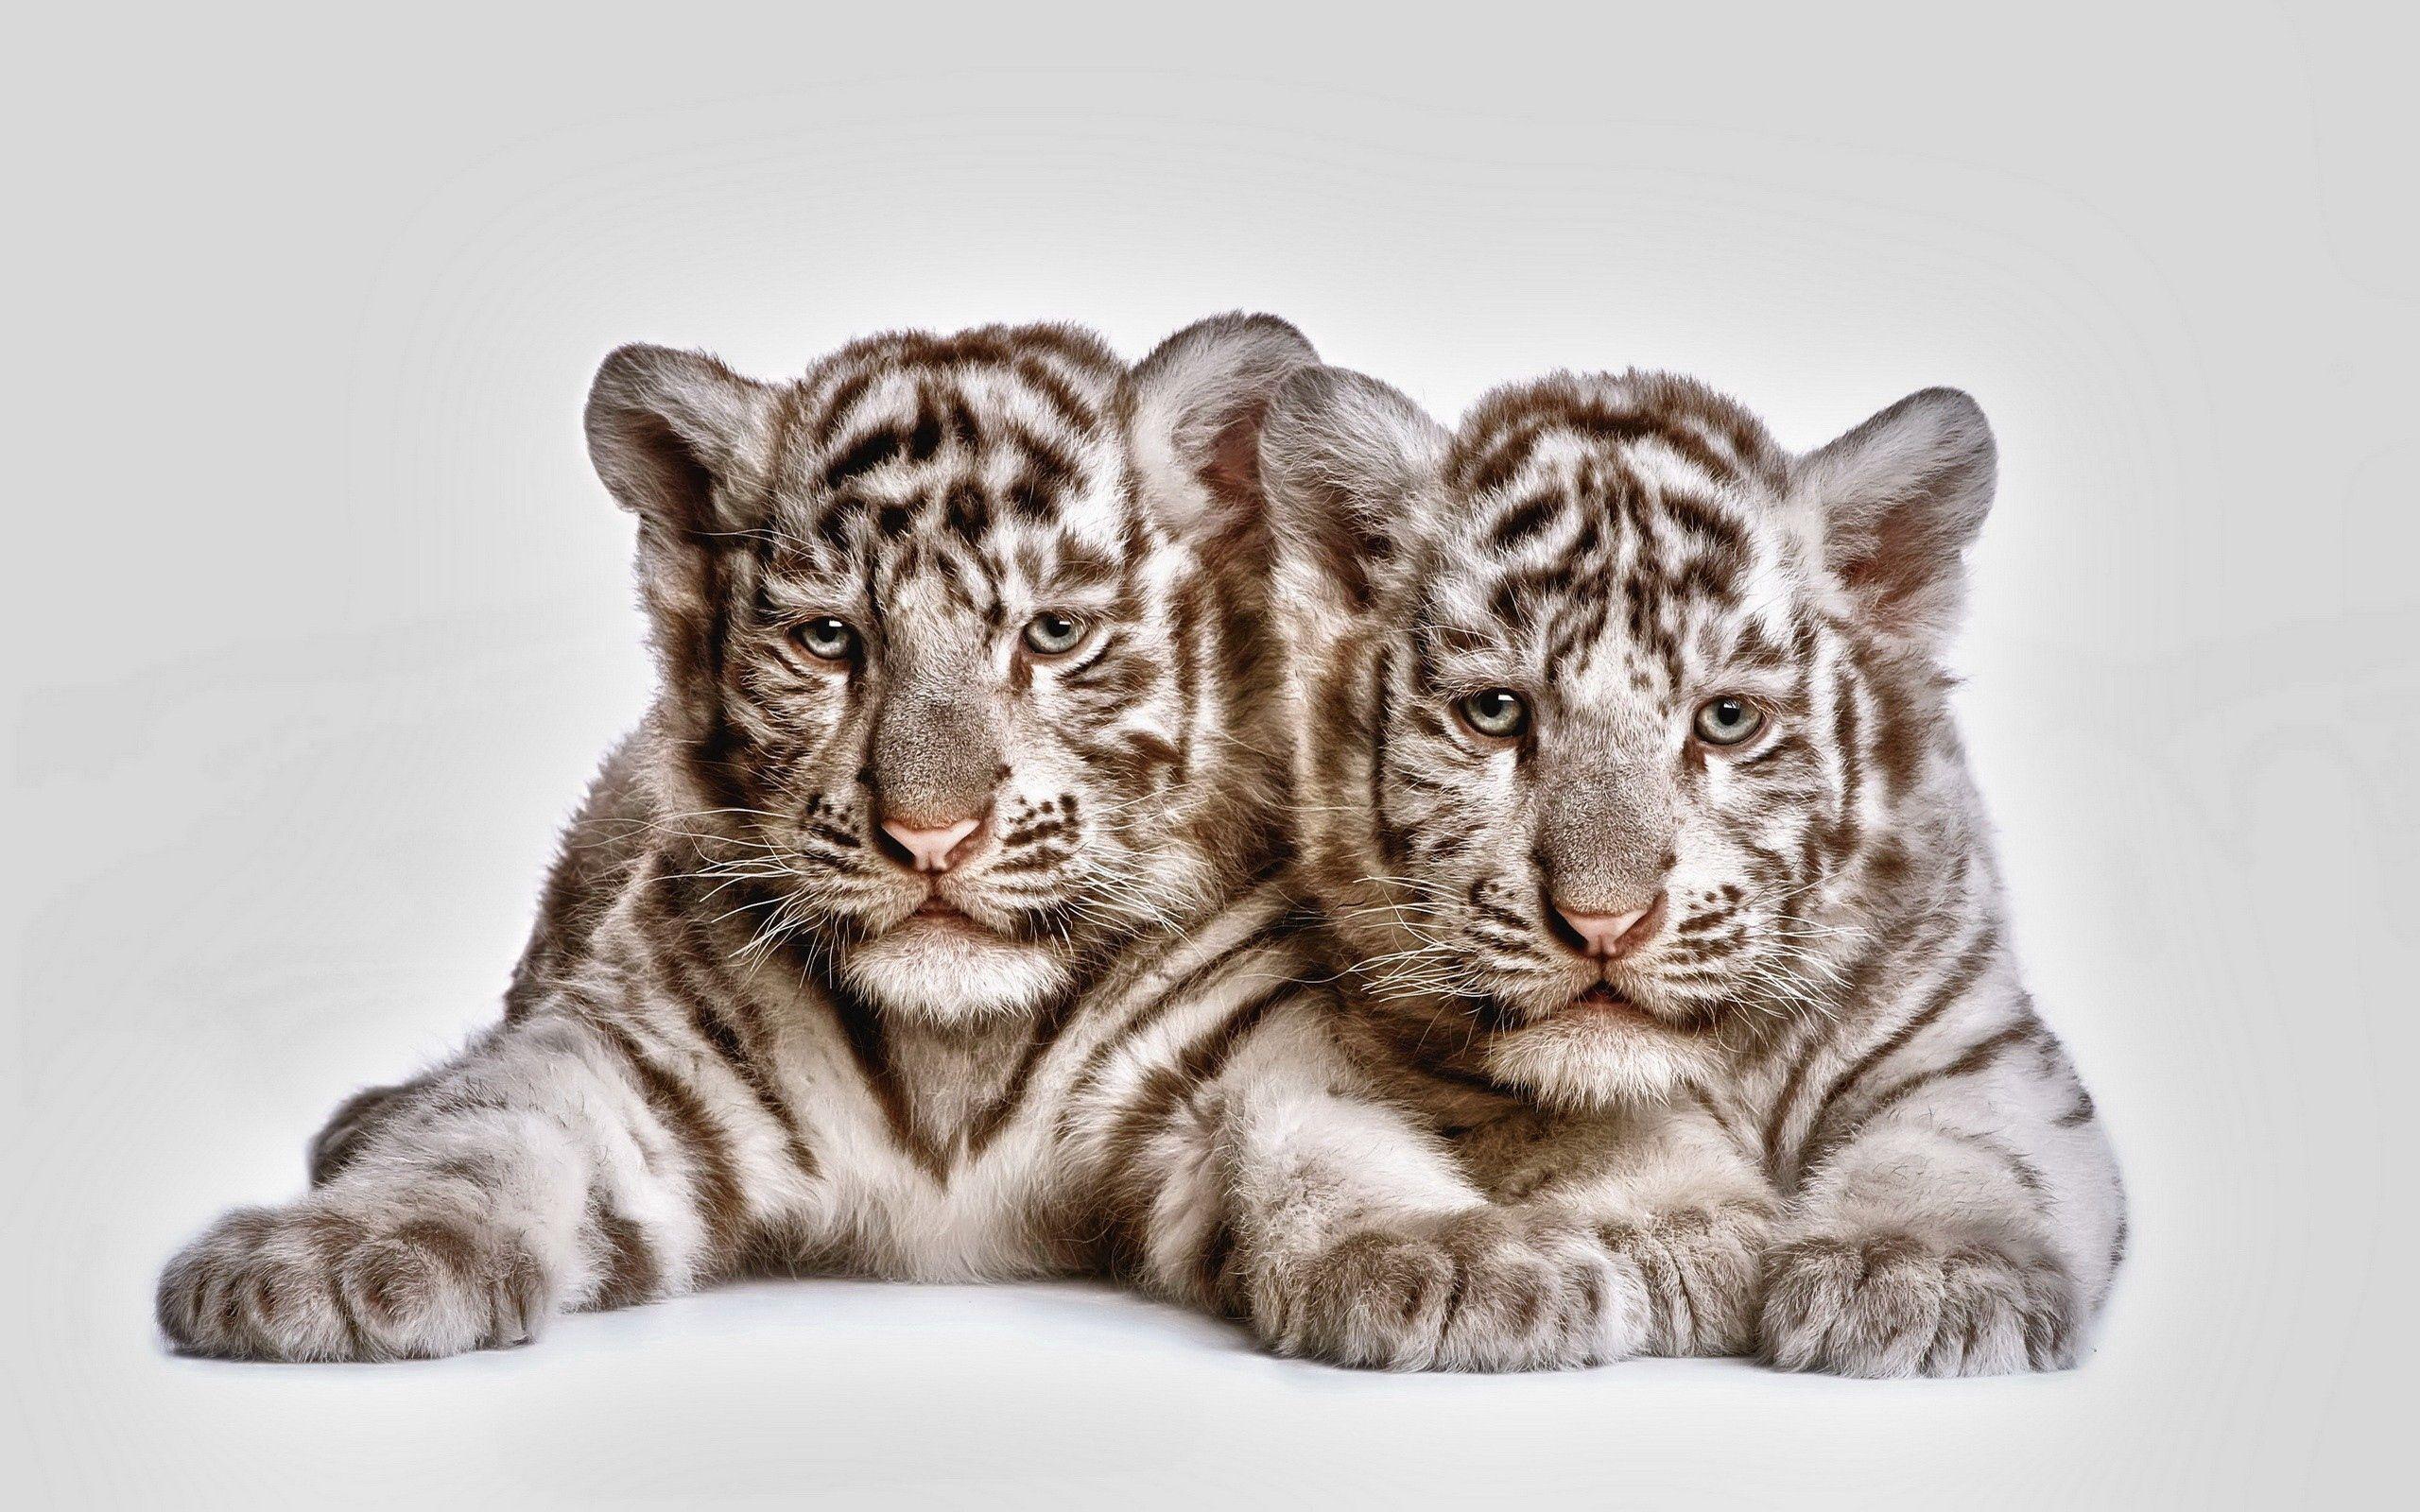 123982 économiseurs d'écran et fonds d'écran Tigres sur votre téléphone. Téléchargez Animaux, Tigres, Jeune, Coupler, Paire, Museau, Muselière, Oursons, Petits Tigres images gratuitement